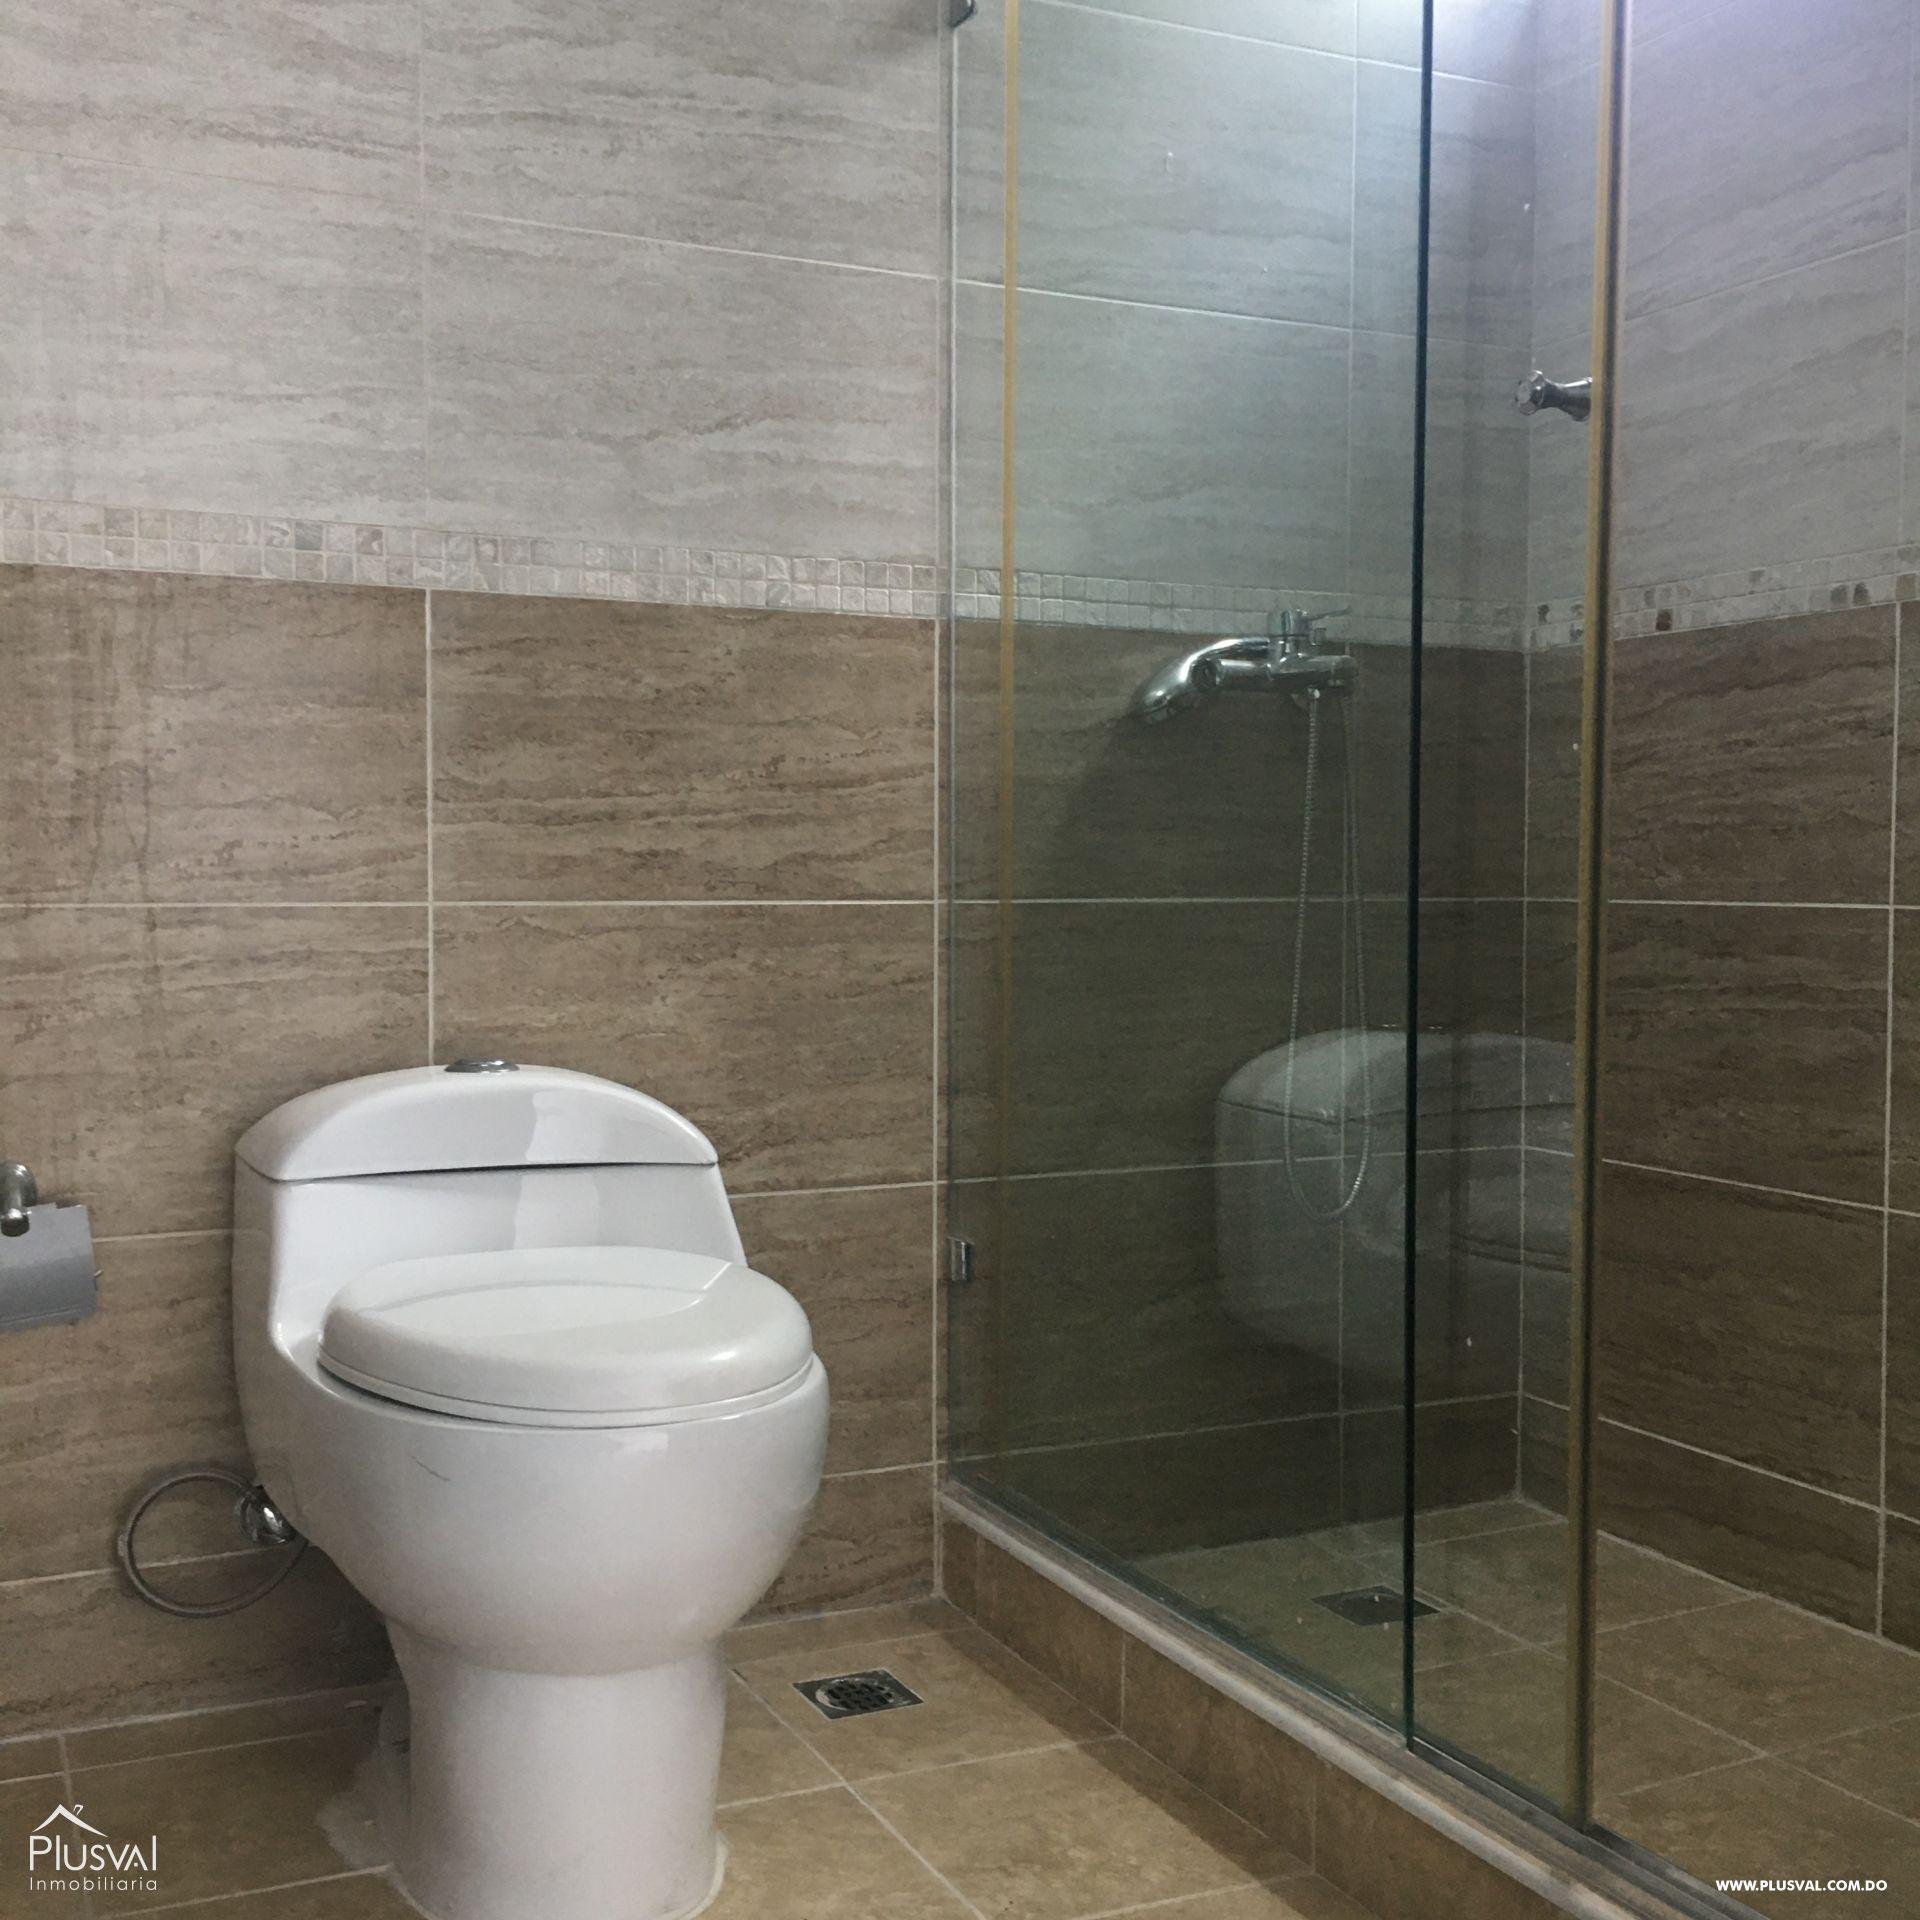 Penthouse en venta, Mirador Norte 169500